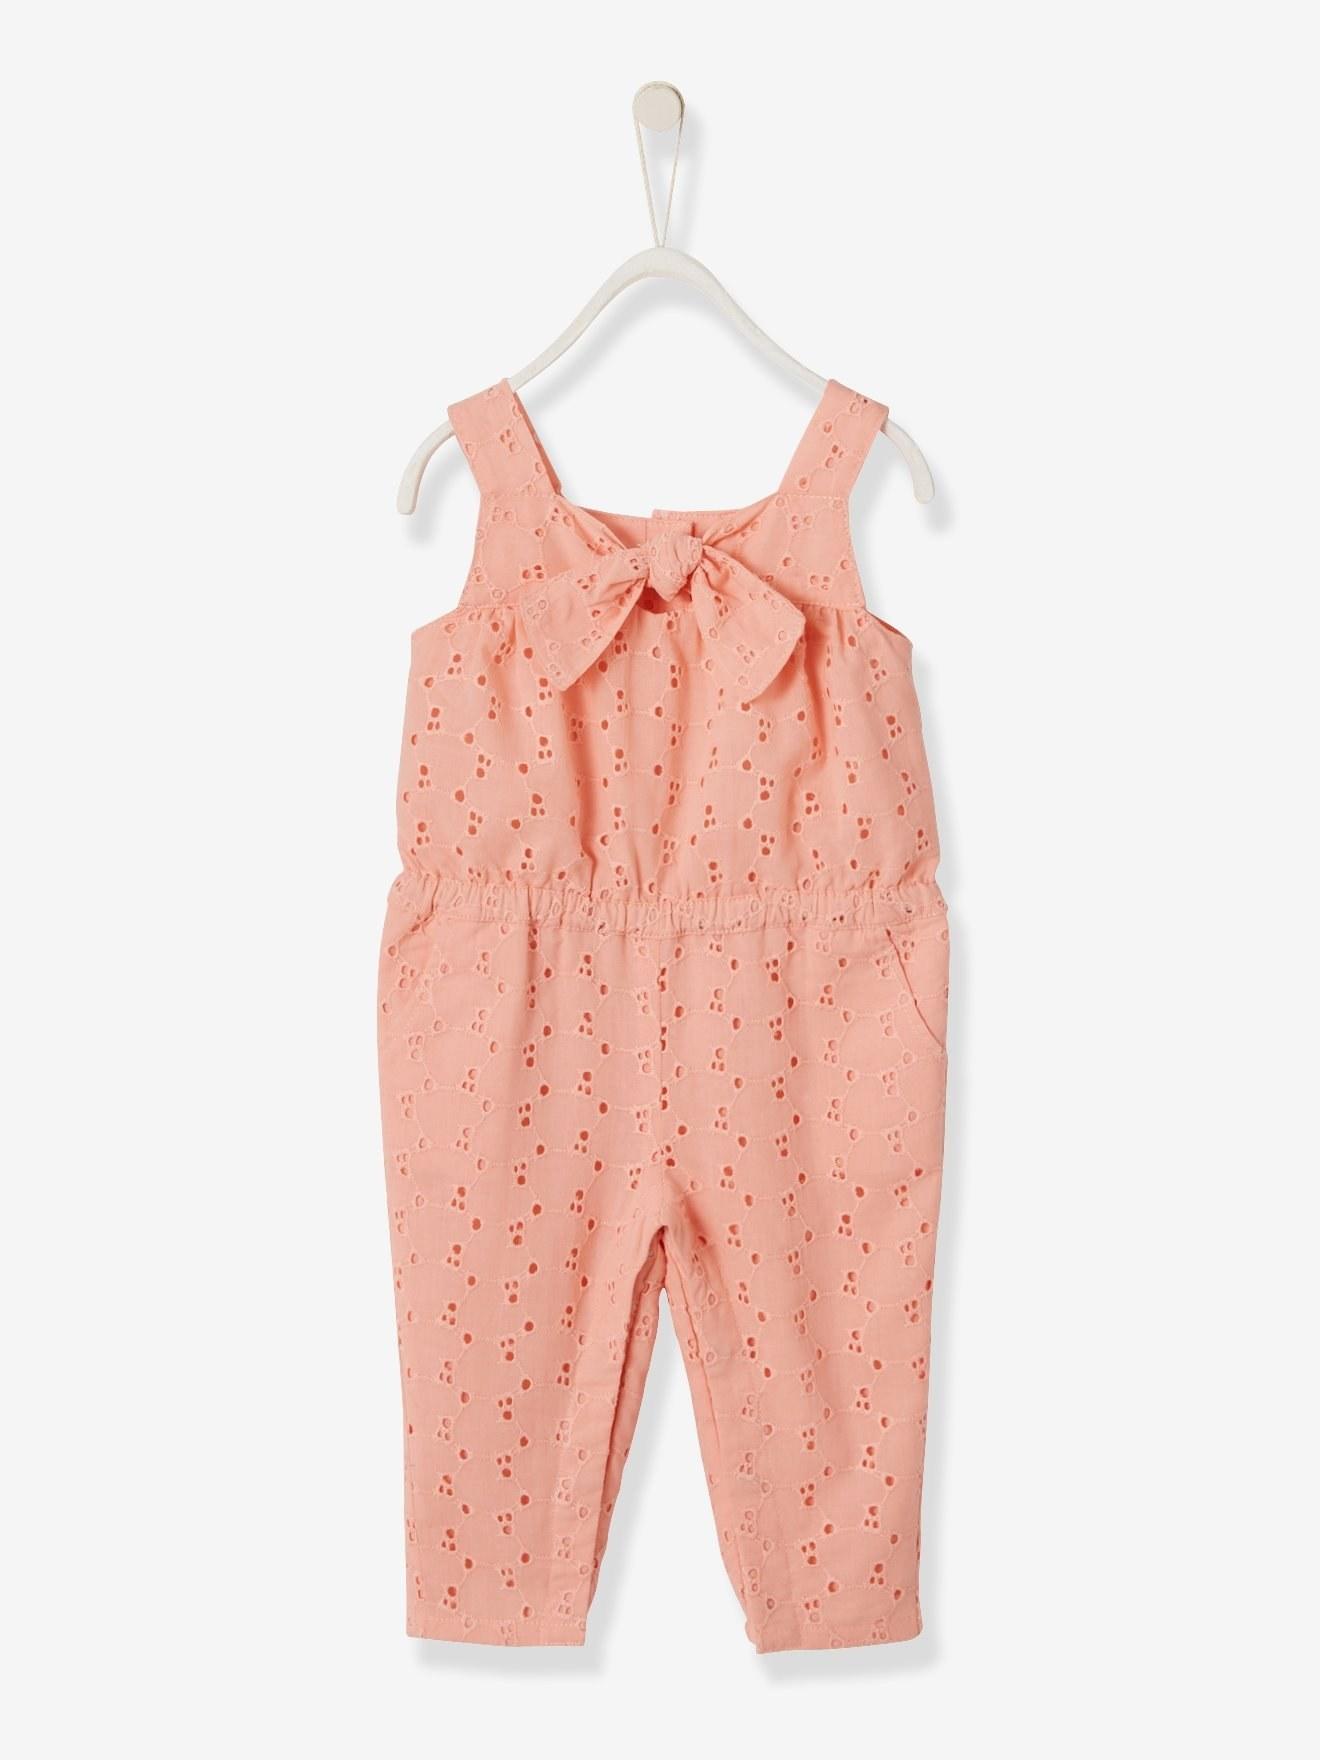 بچگانه - لباس نوزاد سرهمی دخترانه ورت فرانسه مدل koralle |